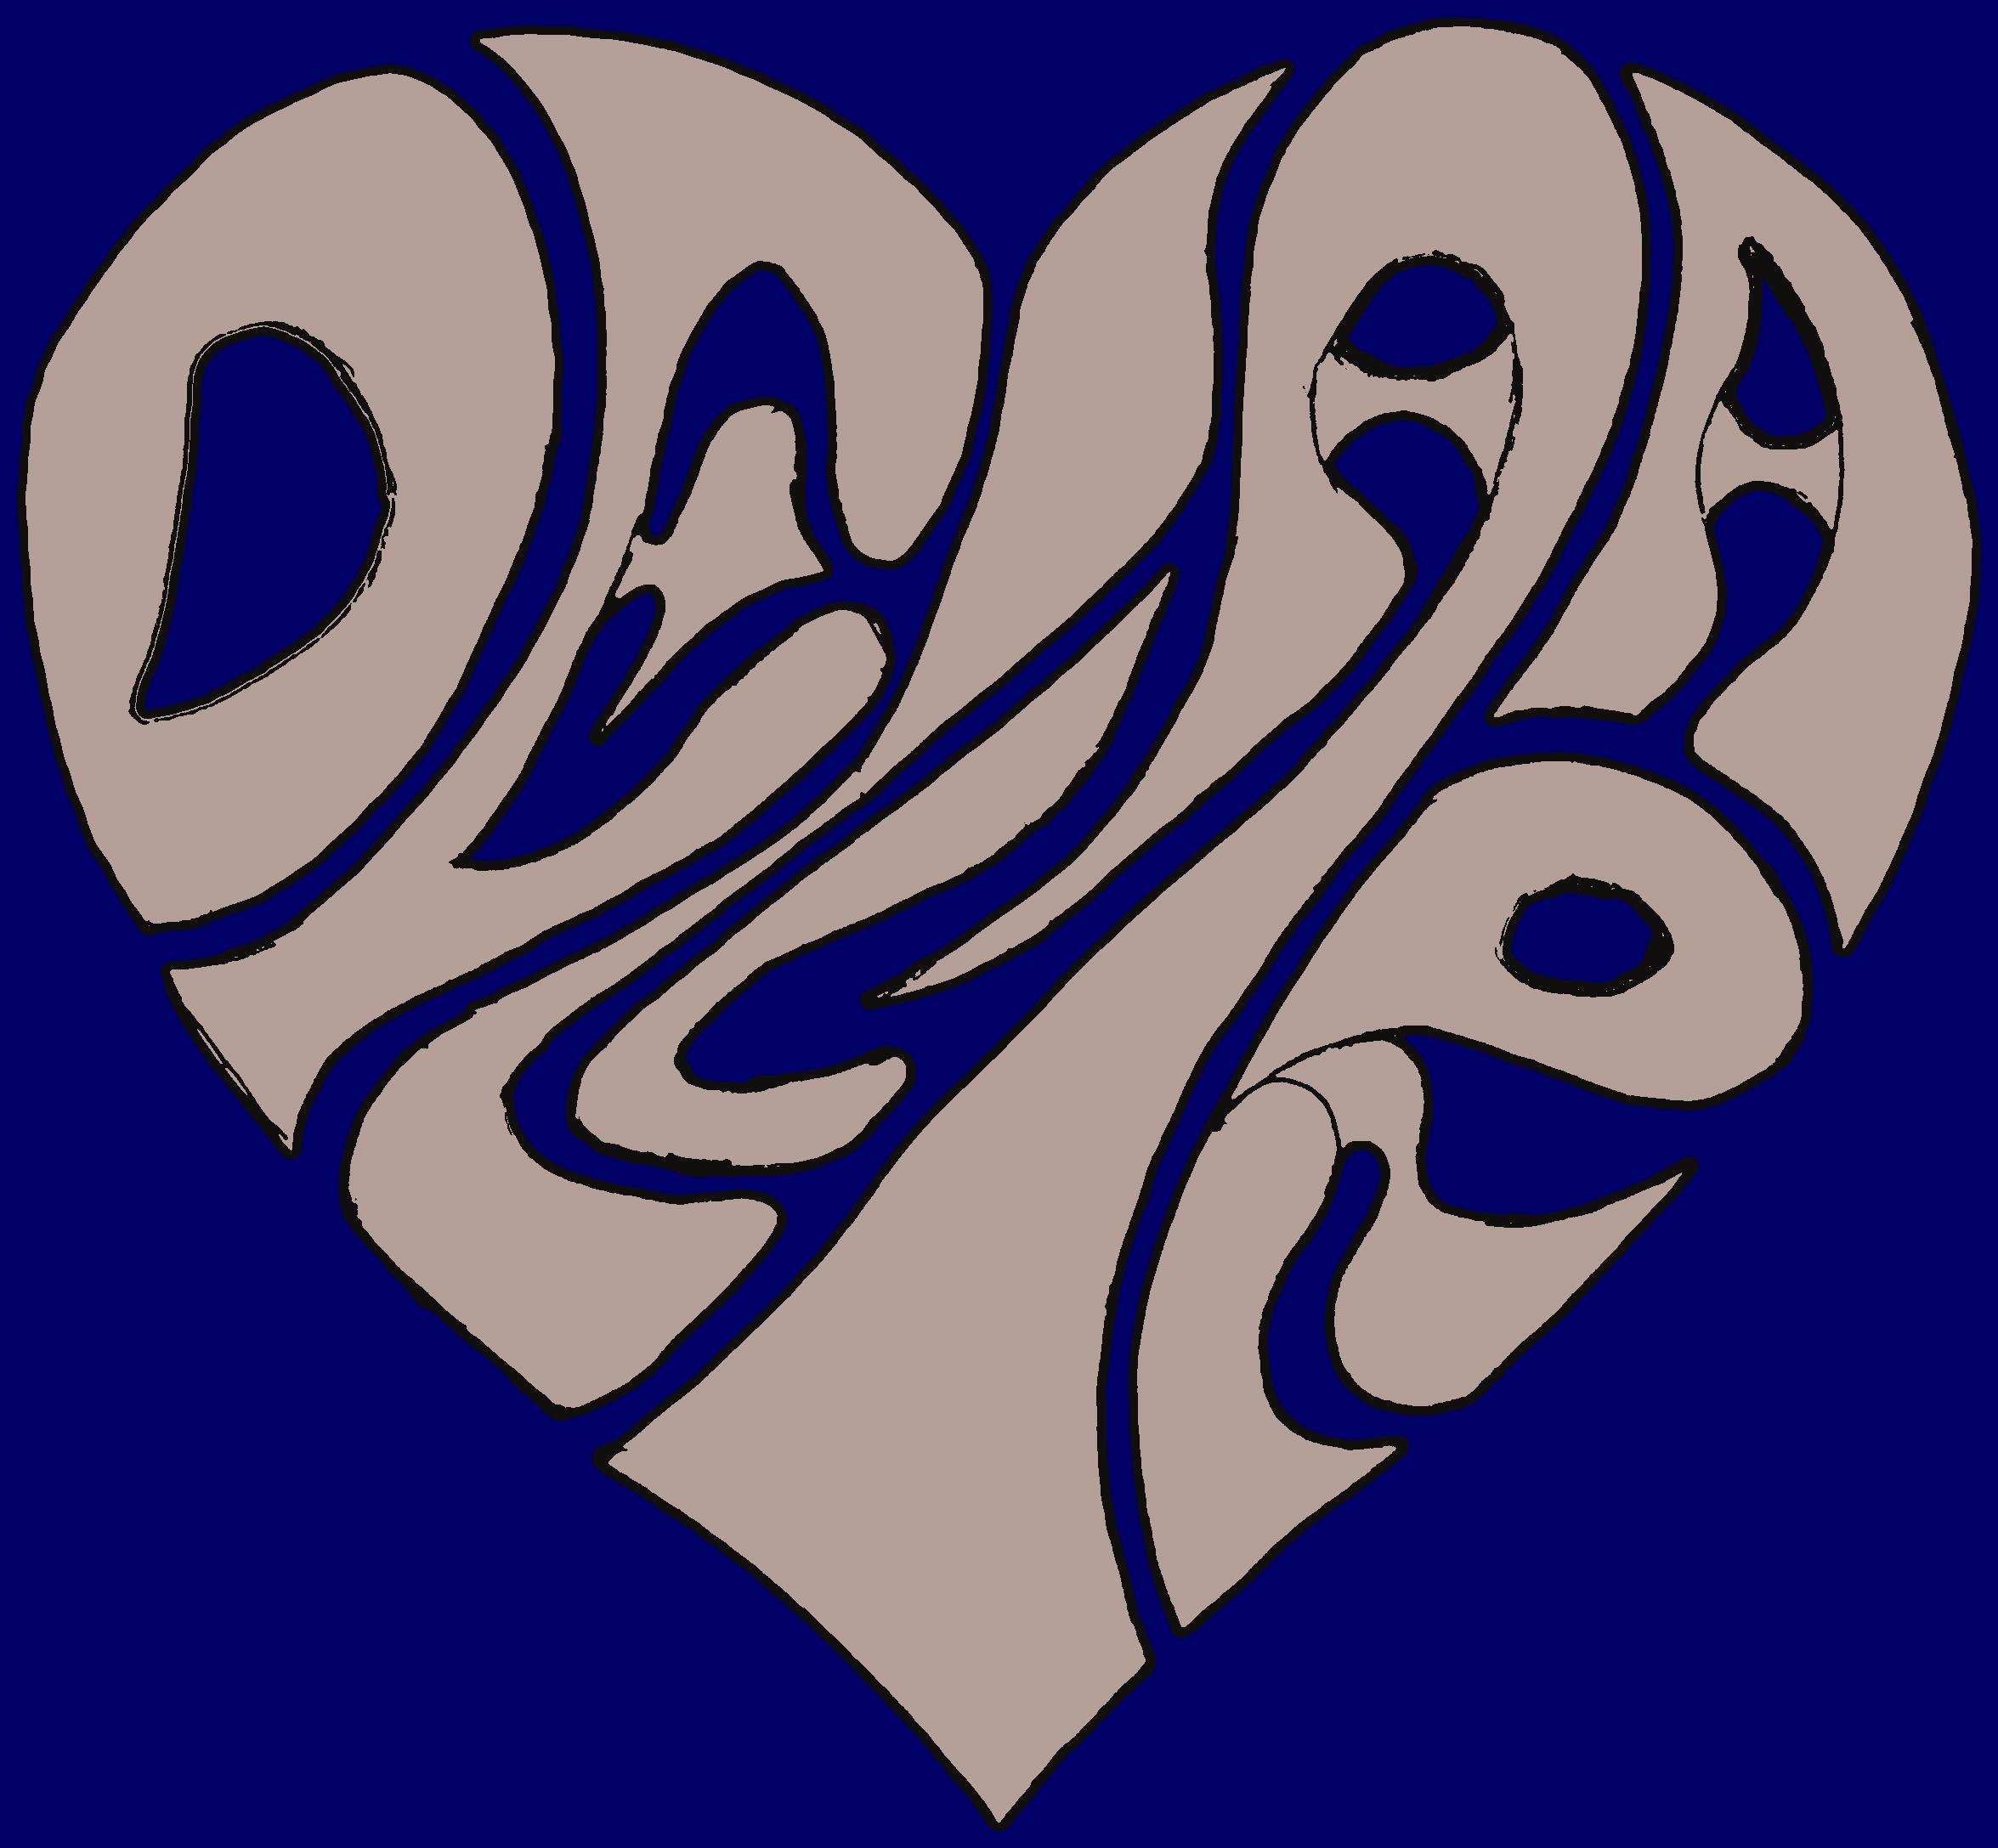 Dellara Heart